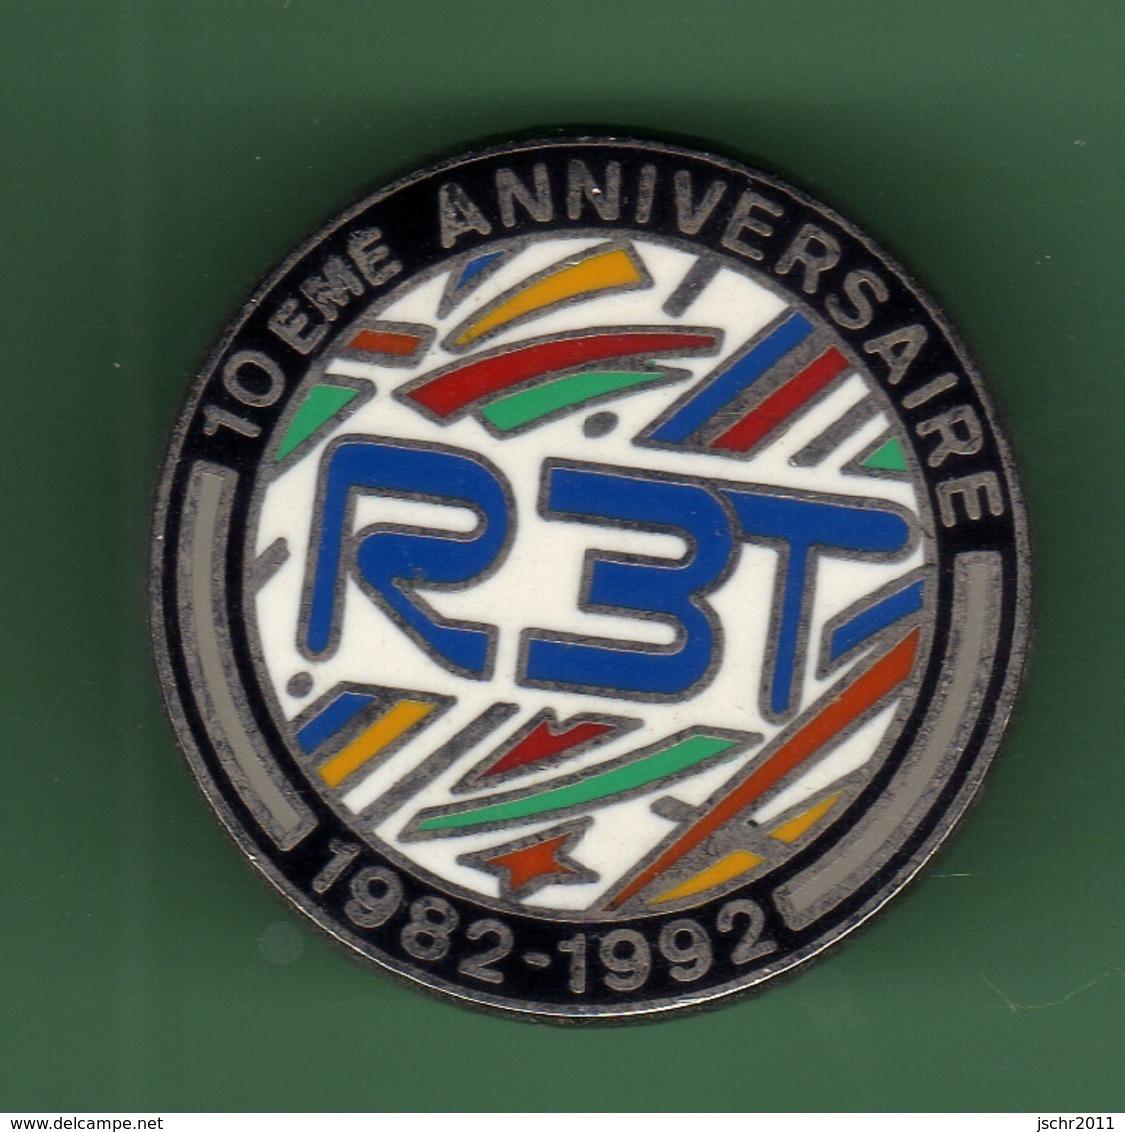 RENAULT CLIO R3T *** Signe AMC *** 1028 (49) - Automobile - F1